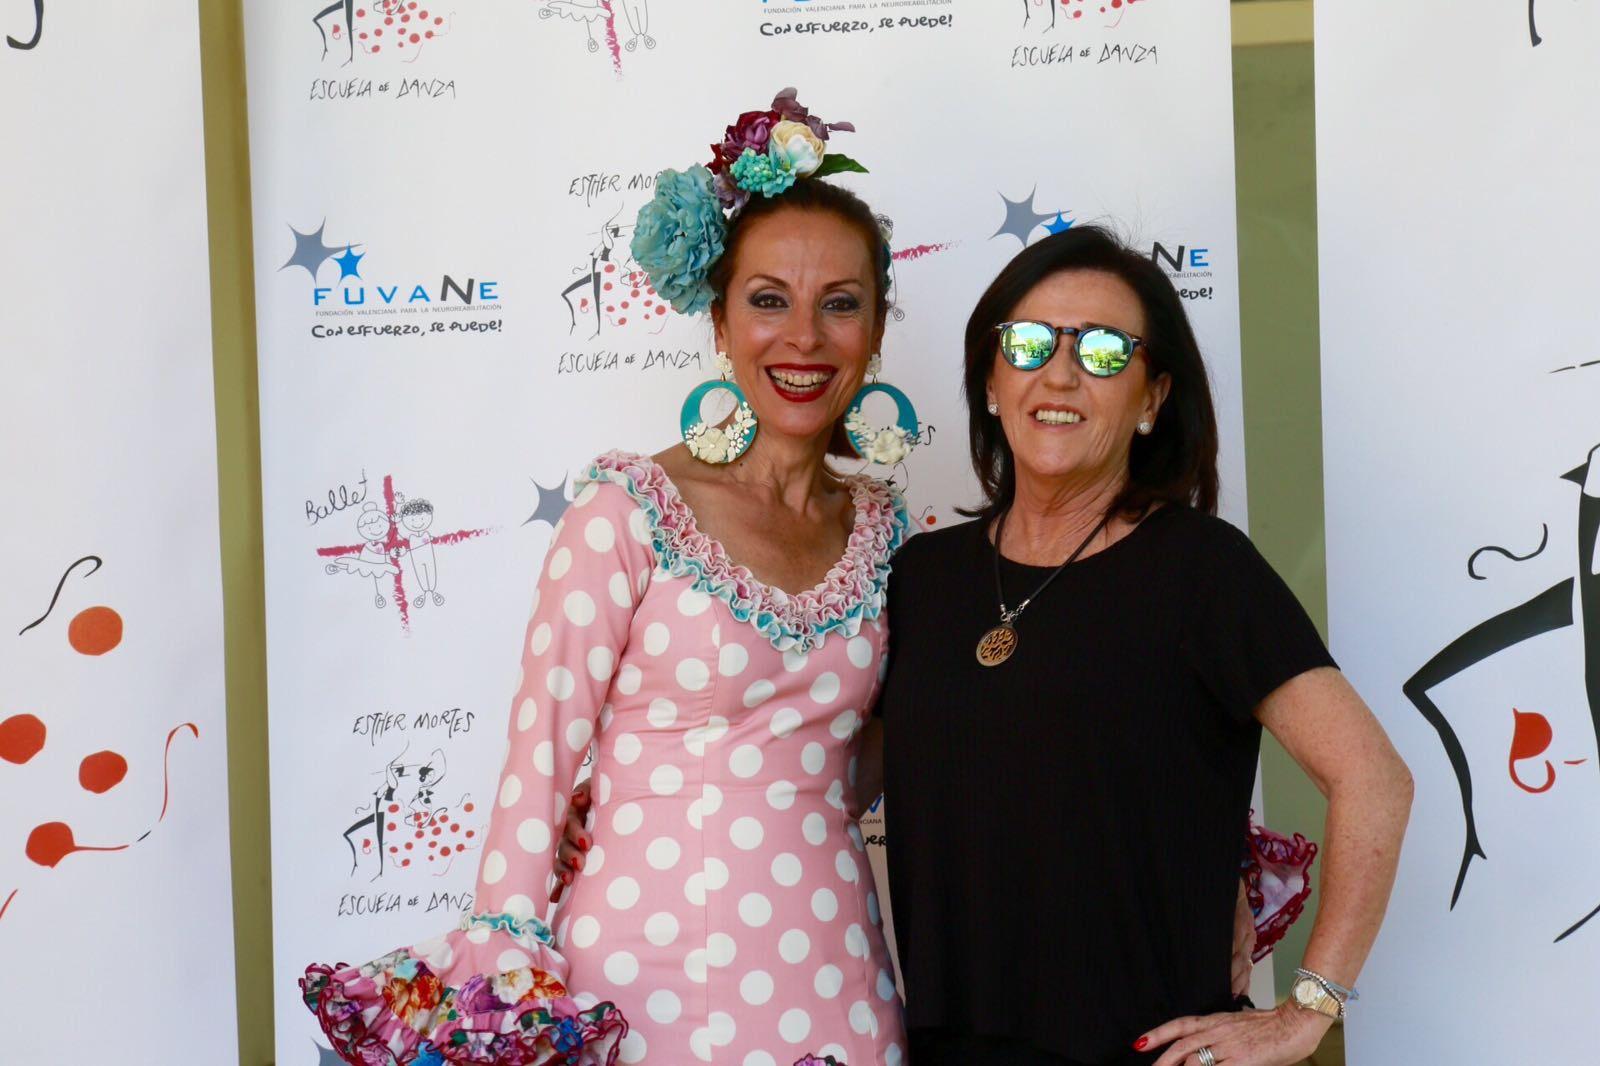 Feria de Abril - Esther Mortes 2017. ¡Fotos!